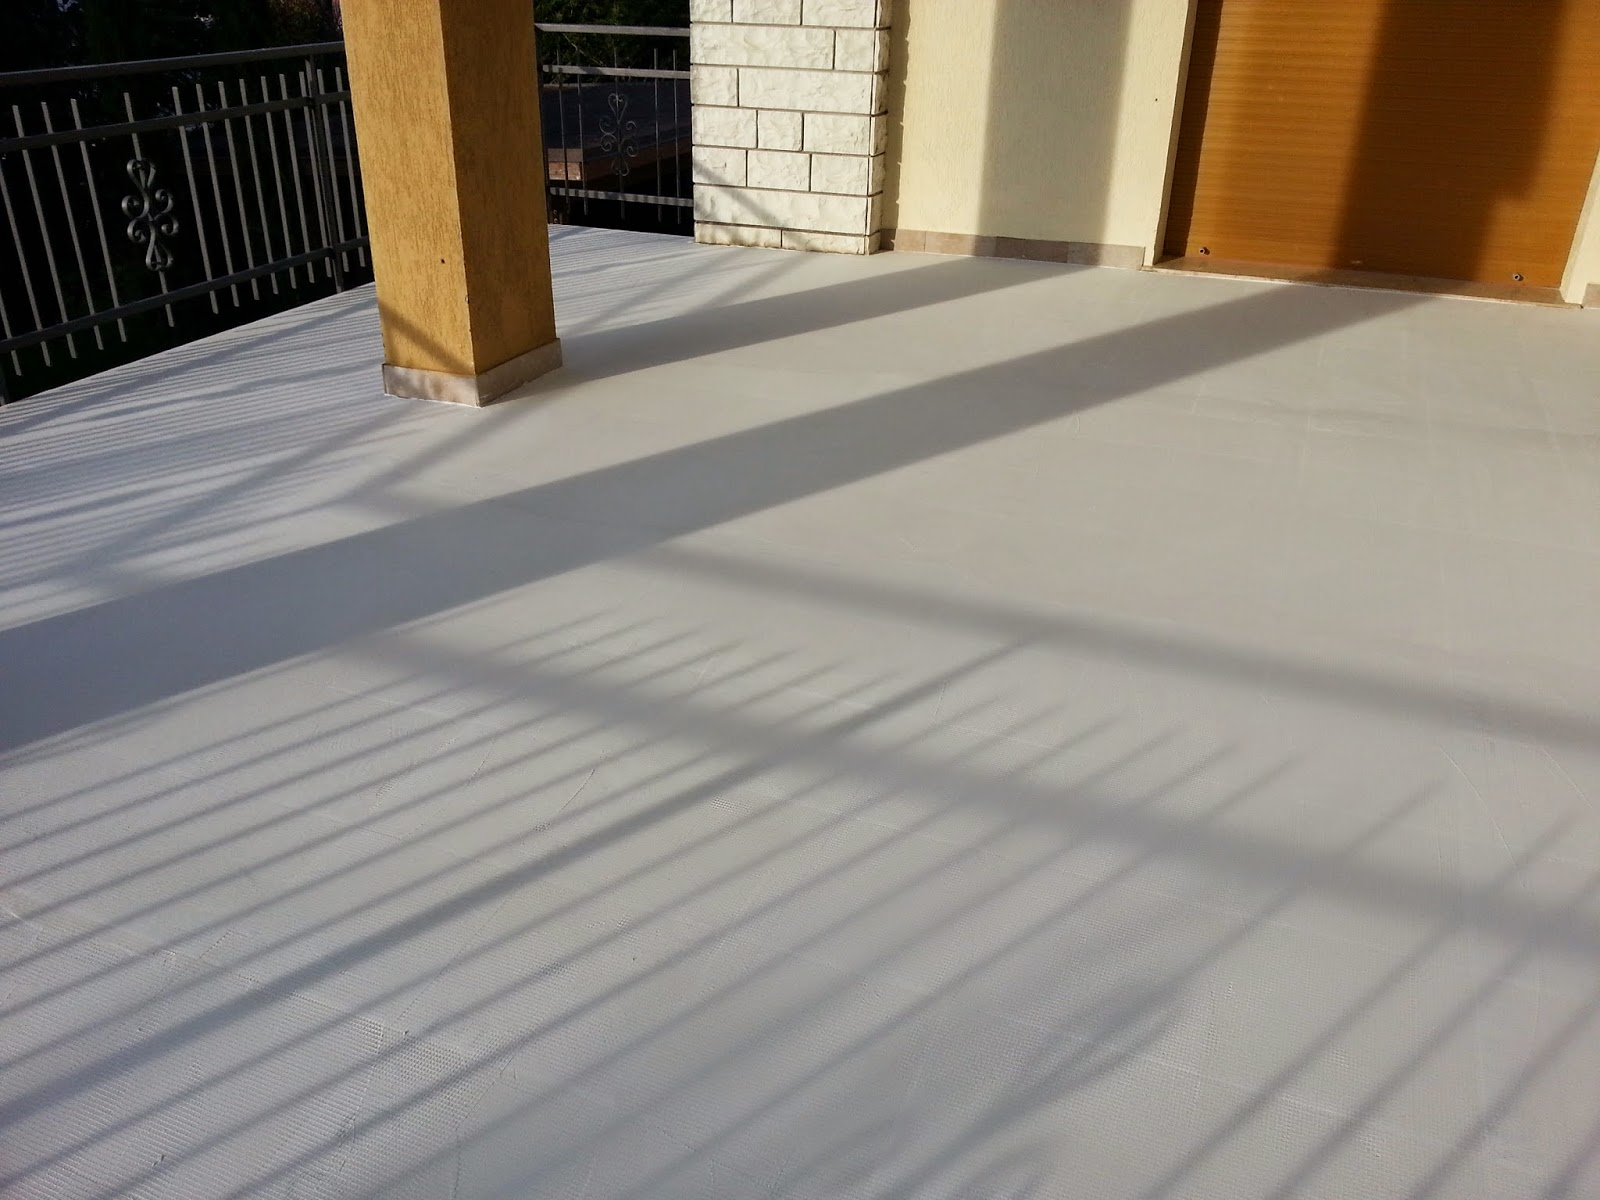 Resine Per Terrazze Esterne blog pavitek: pavimenti in resina e microcemento